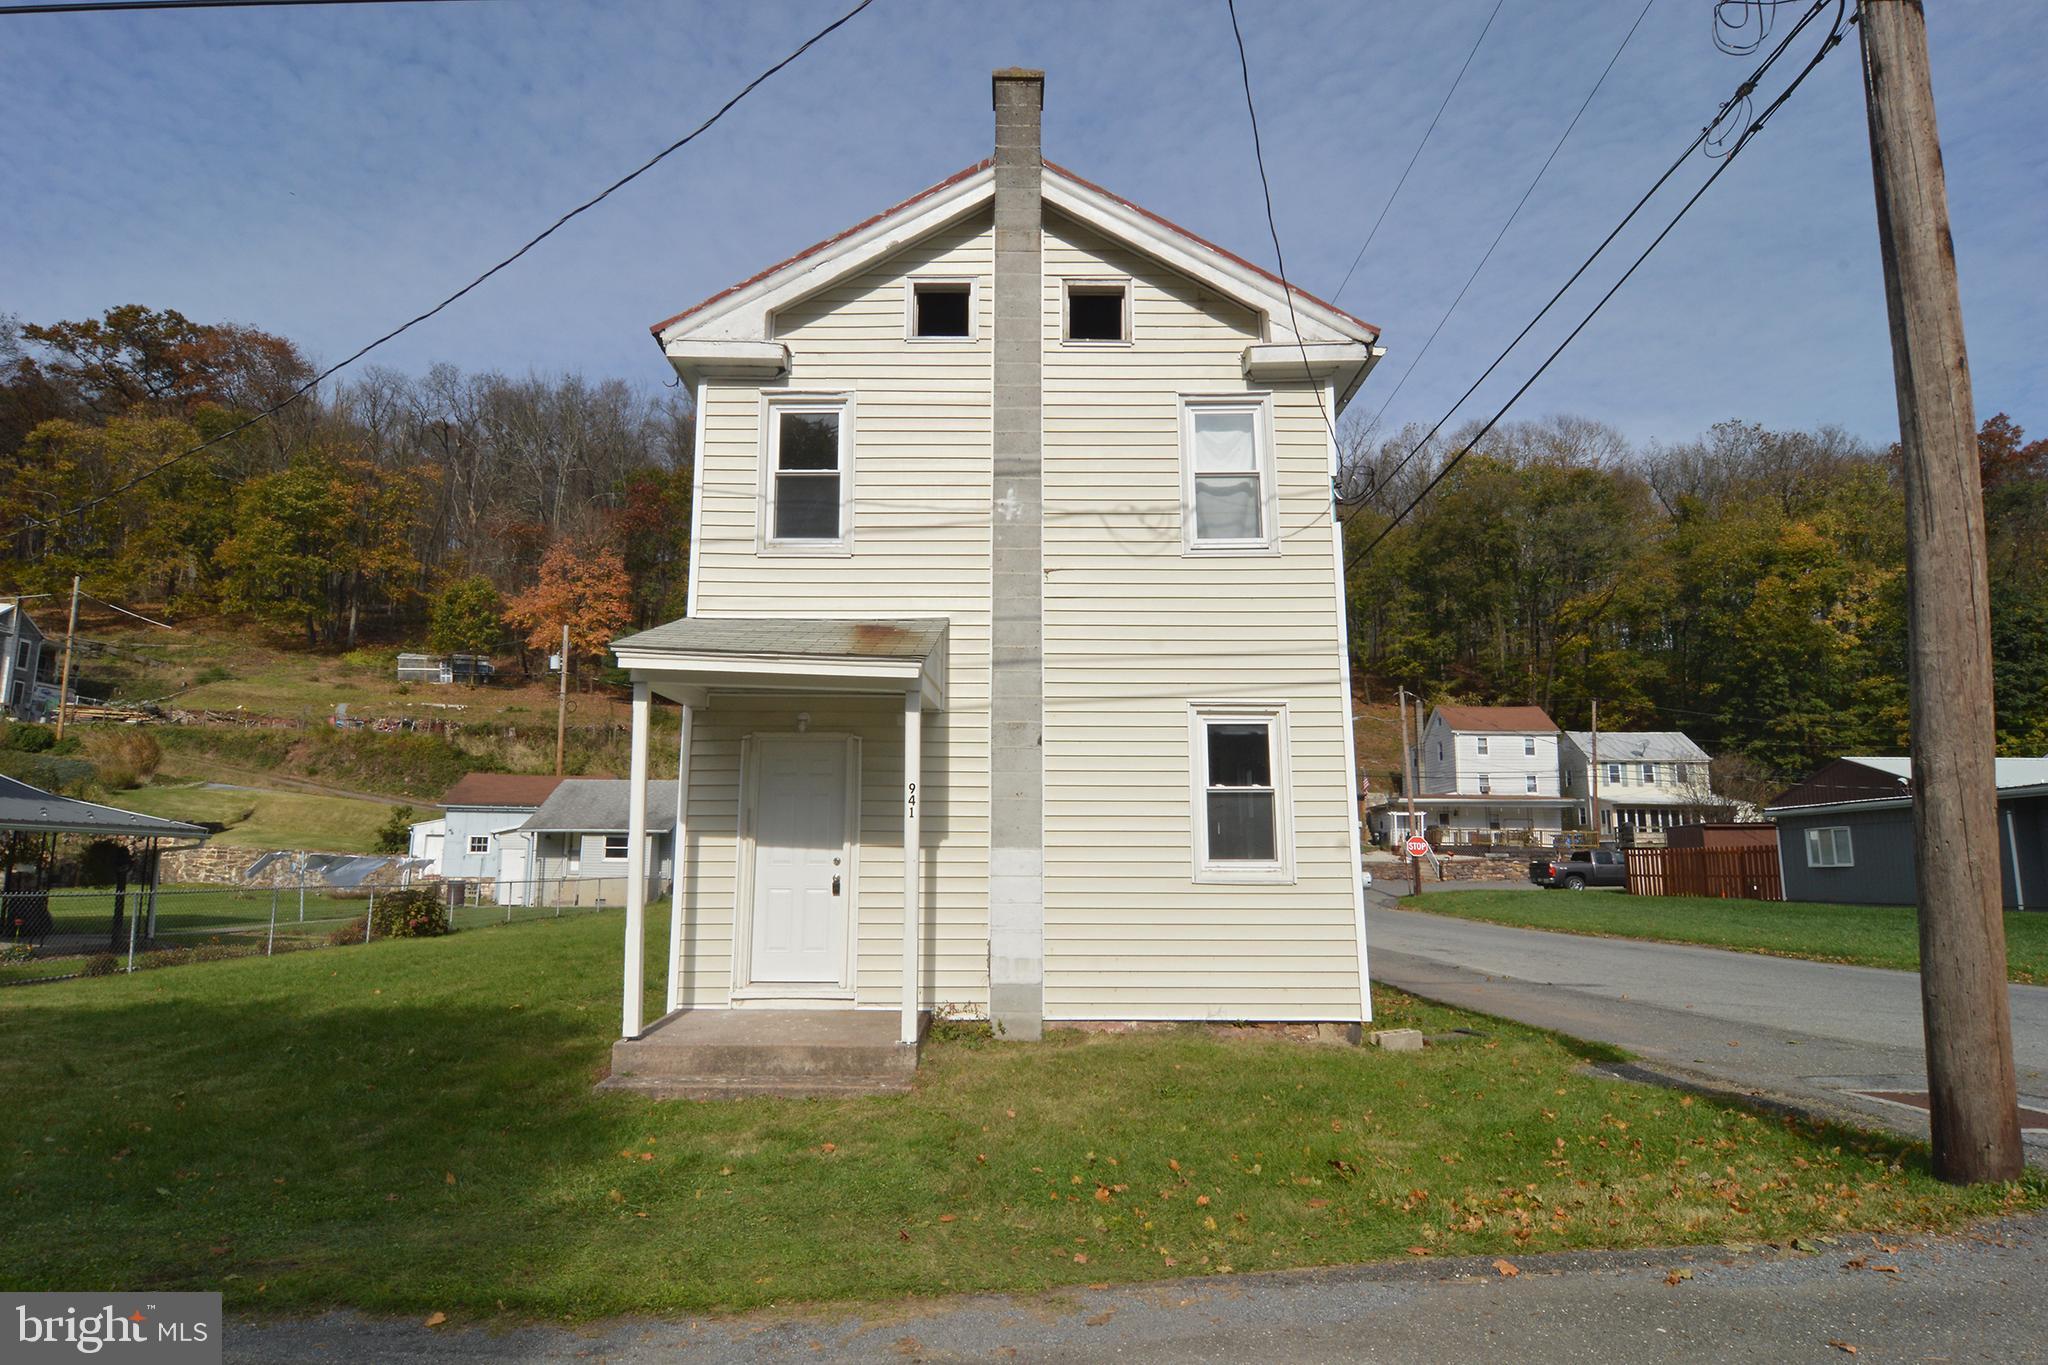 941 SOUTH STREET, PORT CLINTON, PA 19549